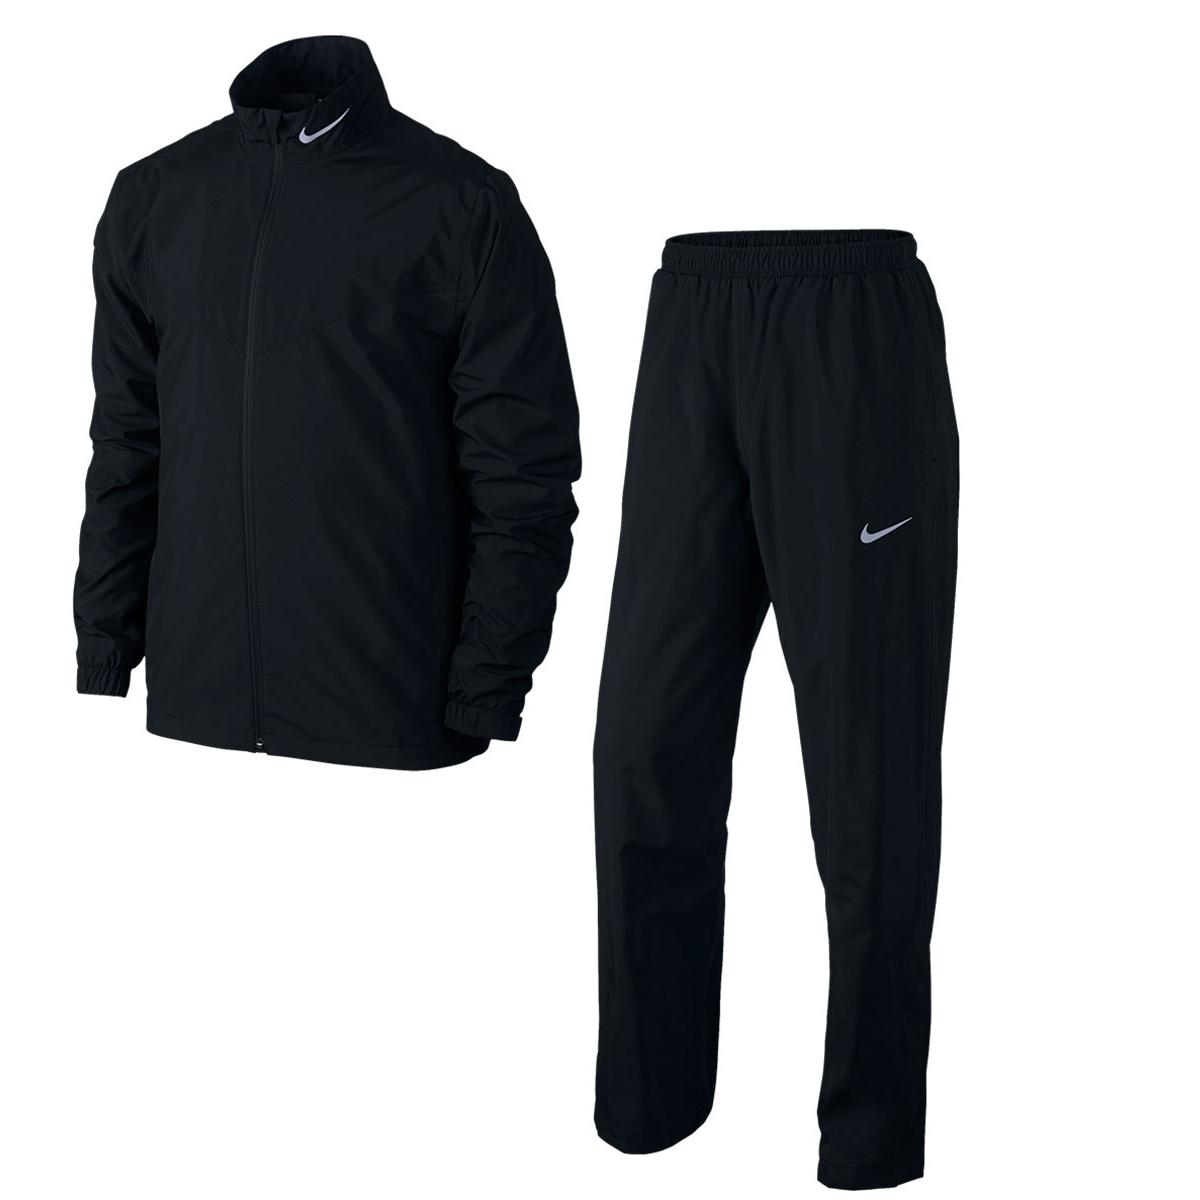 c110cebae Nike Golf Storm-Fit Waterproof Suit